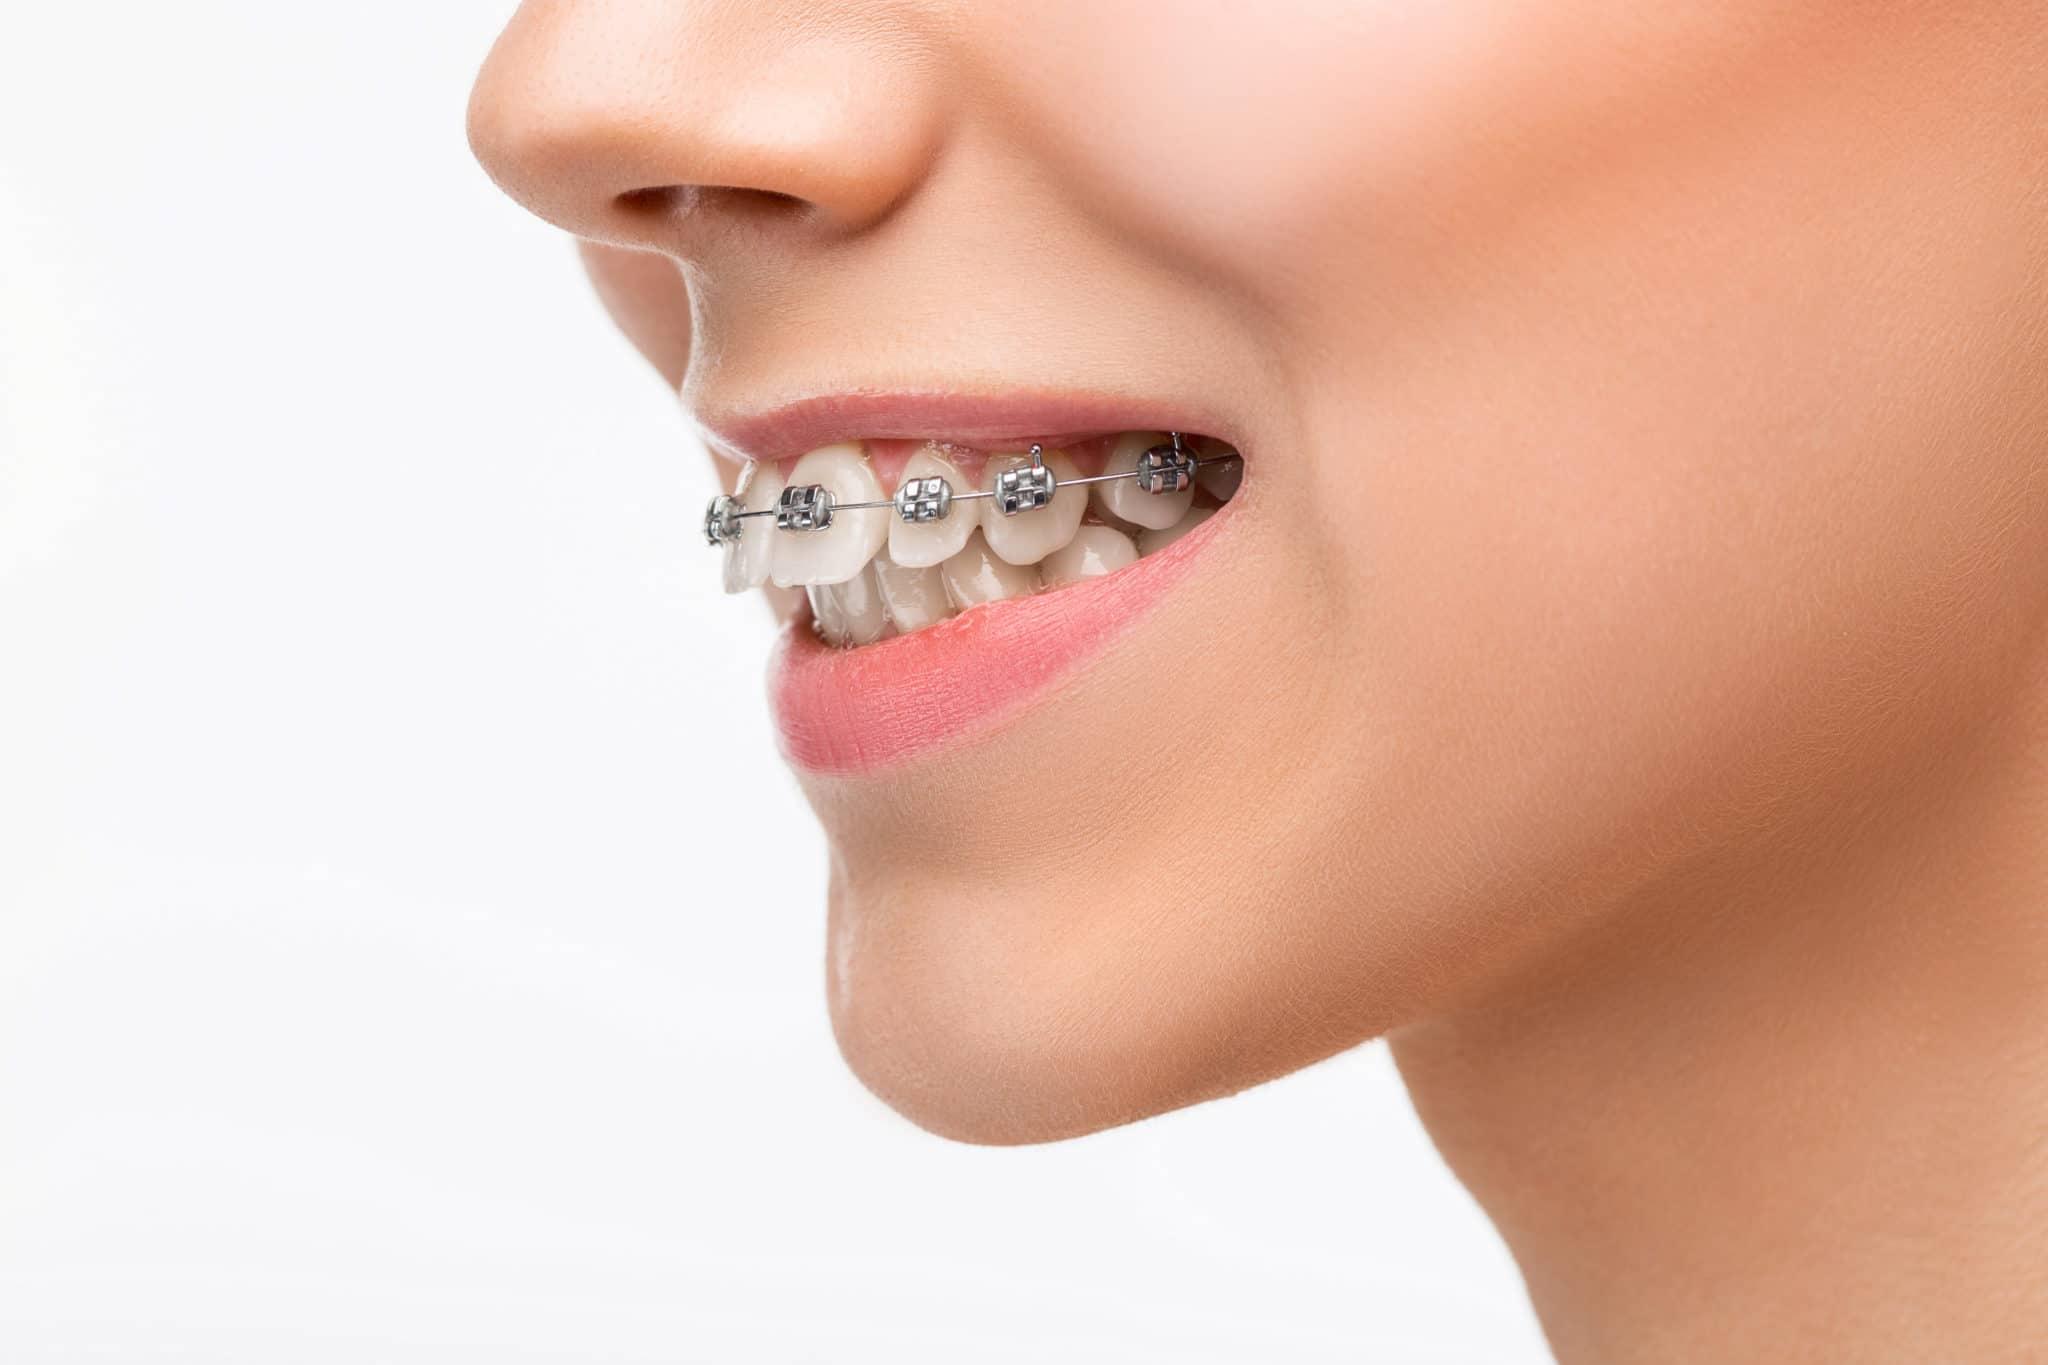 Orthodontics 8